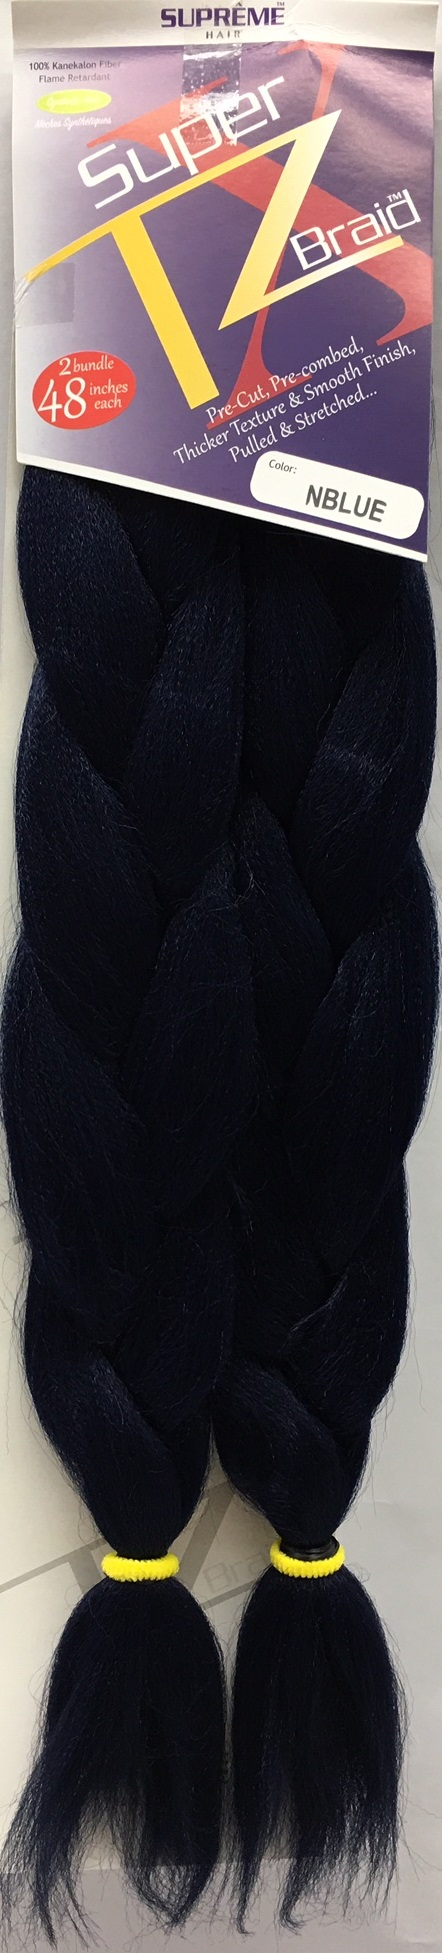 SUPRÊME HAIR - PAQ. DE 2 SUPER X TZ BRAID (CHEVEUX TRESSÉS) 48'' INCHES, 100% KANEKALON MODACRYLIC FIBER, SYNTHETIC HAIR, COLOR NBLUE